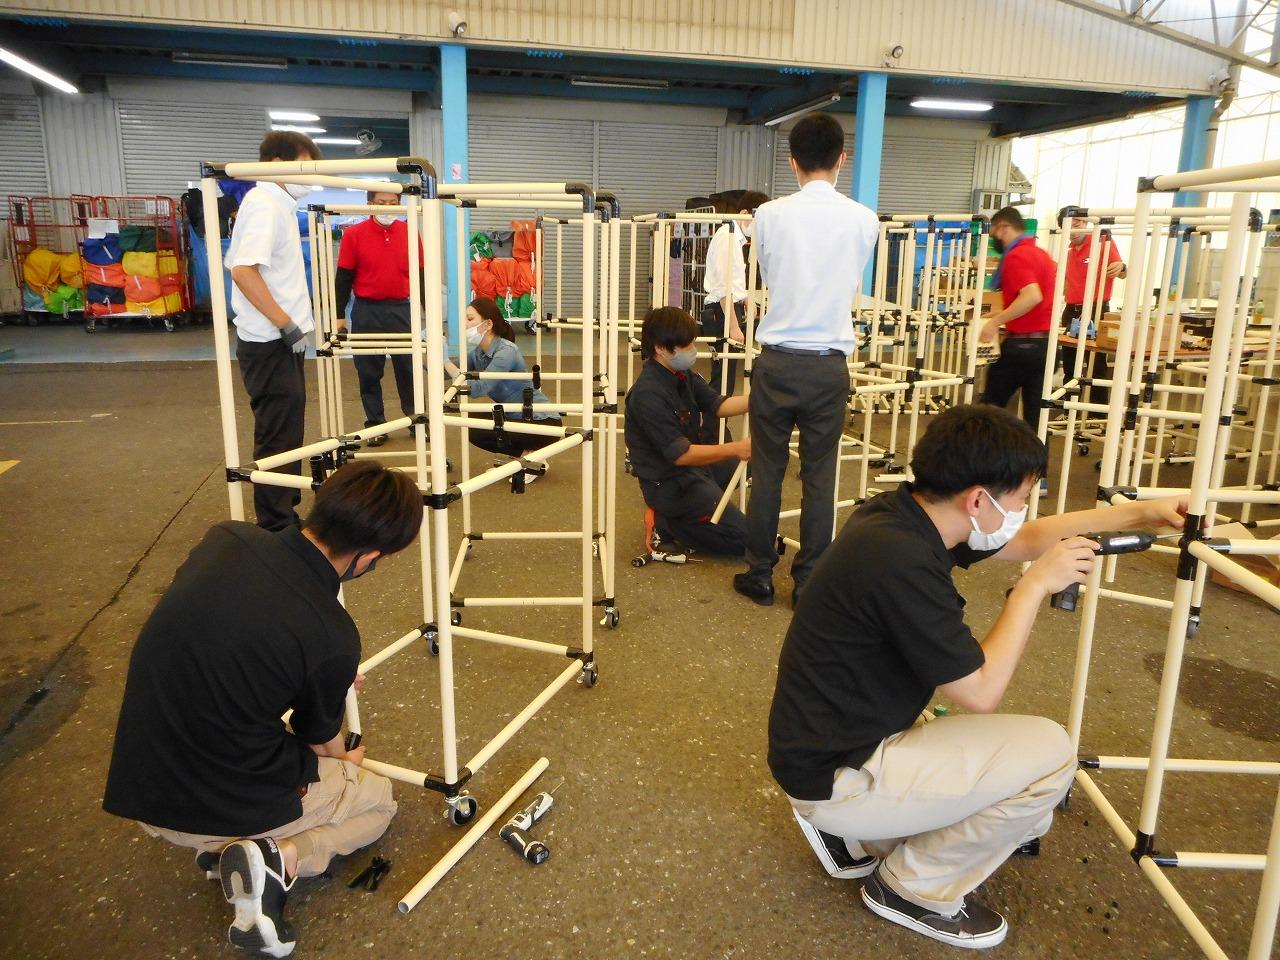 7期5S講座パイプツール実習、皆で棚を大量生産します